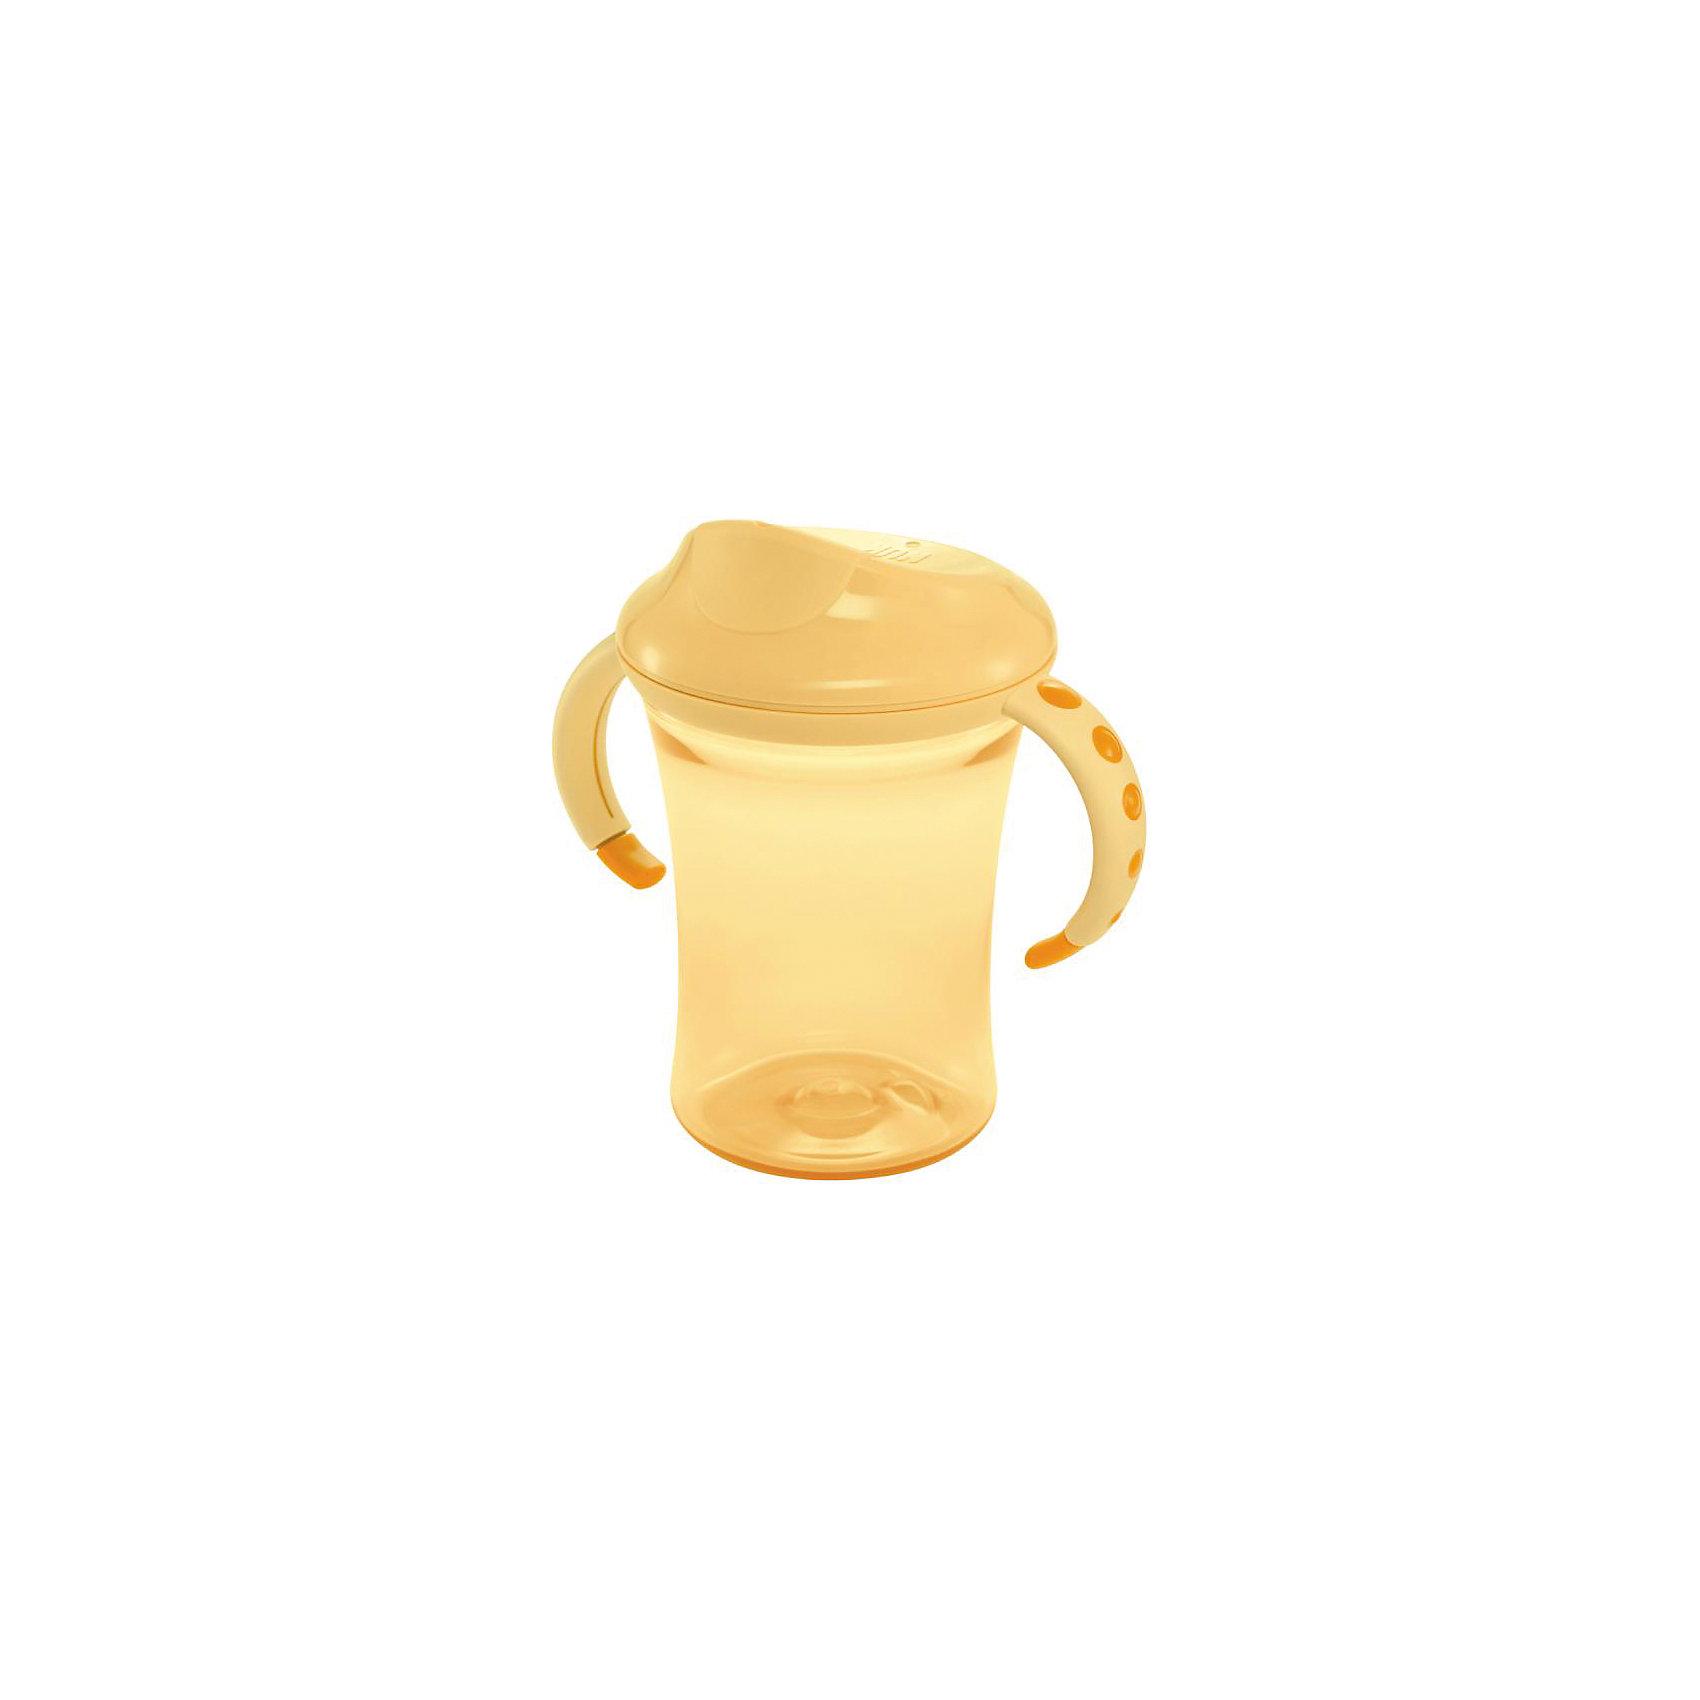 Поильник 2 с насадкой и ручками Easy Learning 275 мл. с 10 мес., NUK, желтыйПоильники<br>Поильник 2 с пластиковой насадкой и ручками Easy Learning 275 мл. с 10 мес. от немецкого производителя высококачественных товаров для новорожденных NUK (Нук). Эта оригинальная бутылочка с насадкой-носиком для питья поможет перейти от бутылочек к самостоятельному питью. Специальный пищевой пластик сочетает в себе безопасность и прочность, благодаря дополнительной устойчивости. Пластиковая насадка не позволит жидкости вылиться из бутылочки. Красивый дизайн понравится малышу, а специальные не скользящие ручки поильника будут удобна для детских ручек. Превосходное качество и безопасность для вашего малыша.<br><br><br>Дополнительная информация:<br><br>- Материал: пластик<br>- Объем: 275 мл. <br><br>Поильник 2 с пластиковой насадкой и ручками Easy Learning 275 мл. с 10 мес., NUK (Нук) можно купить в нашем интернет-магазине.<br>Подробнее:<br>• Для детей в возрасте: от 10 месяцев<br>• Номер товара: 4998413<br>Страна производитель: Германия<br><br>Ширина мм: 70<br>Глубина мм: 50<br>Высота мм: 70<br>Вес г: 100<br>Возраст от месяцев: 10<br>Возраст до месяцев: 36<br>Пол: Унисекс<br>Возраст: Детский<br>SKU: 5237157